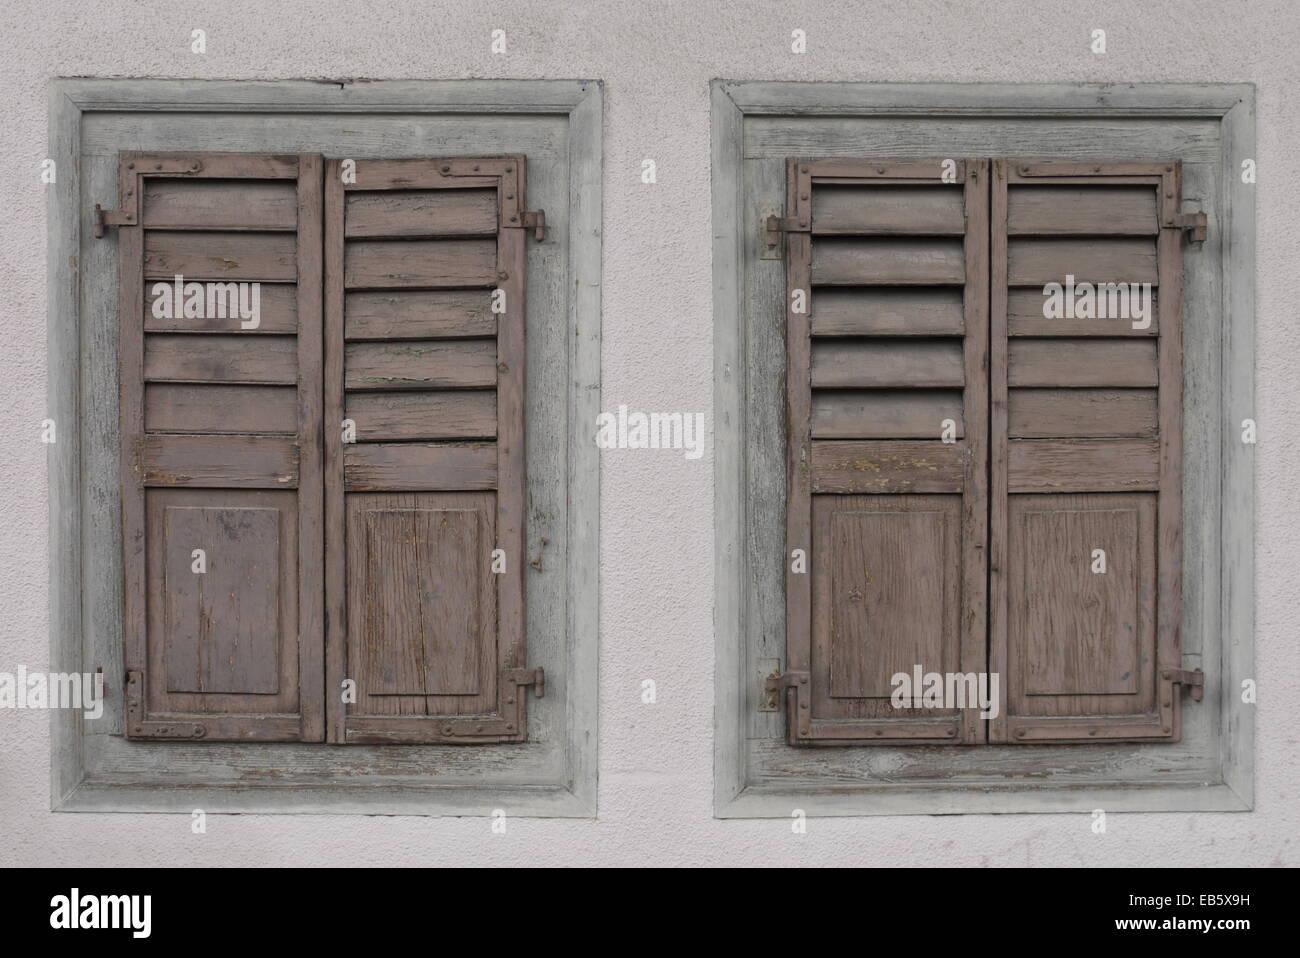 Zwillinge Von Vintage Veraltete Pastell Holzernen